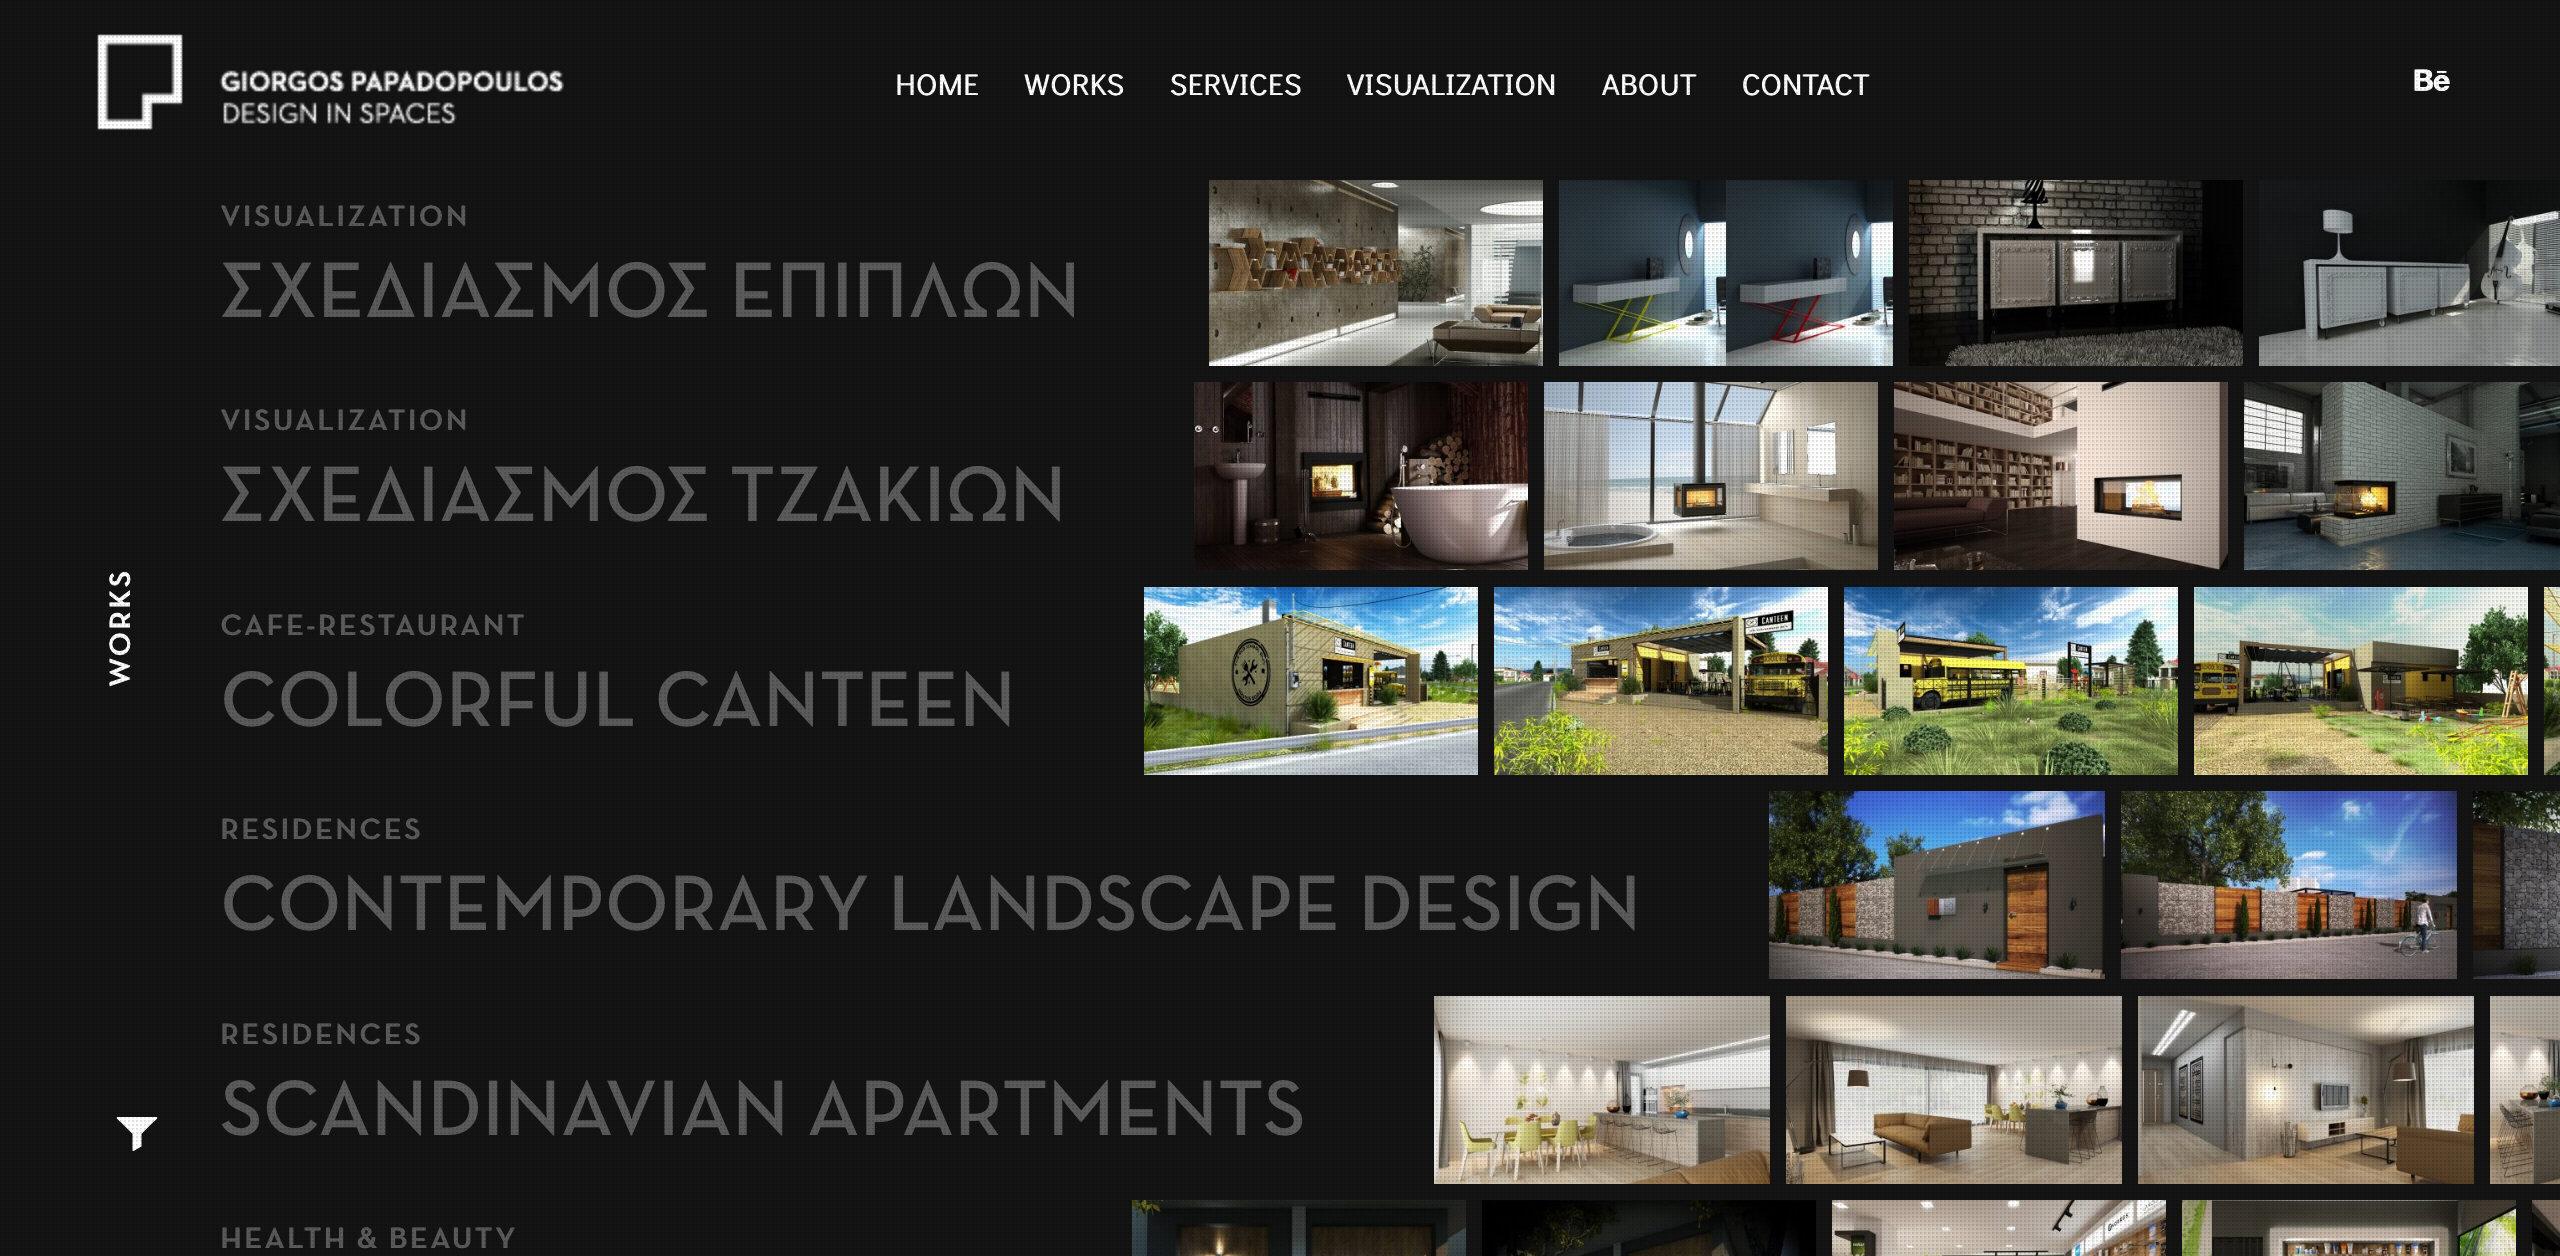 Κατασκευή ιστοελίδας designinspaces